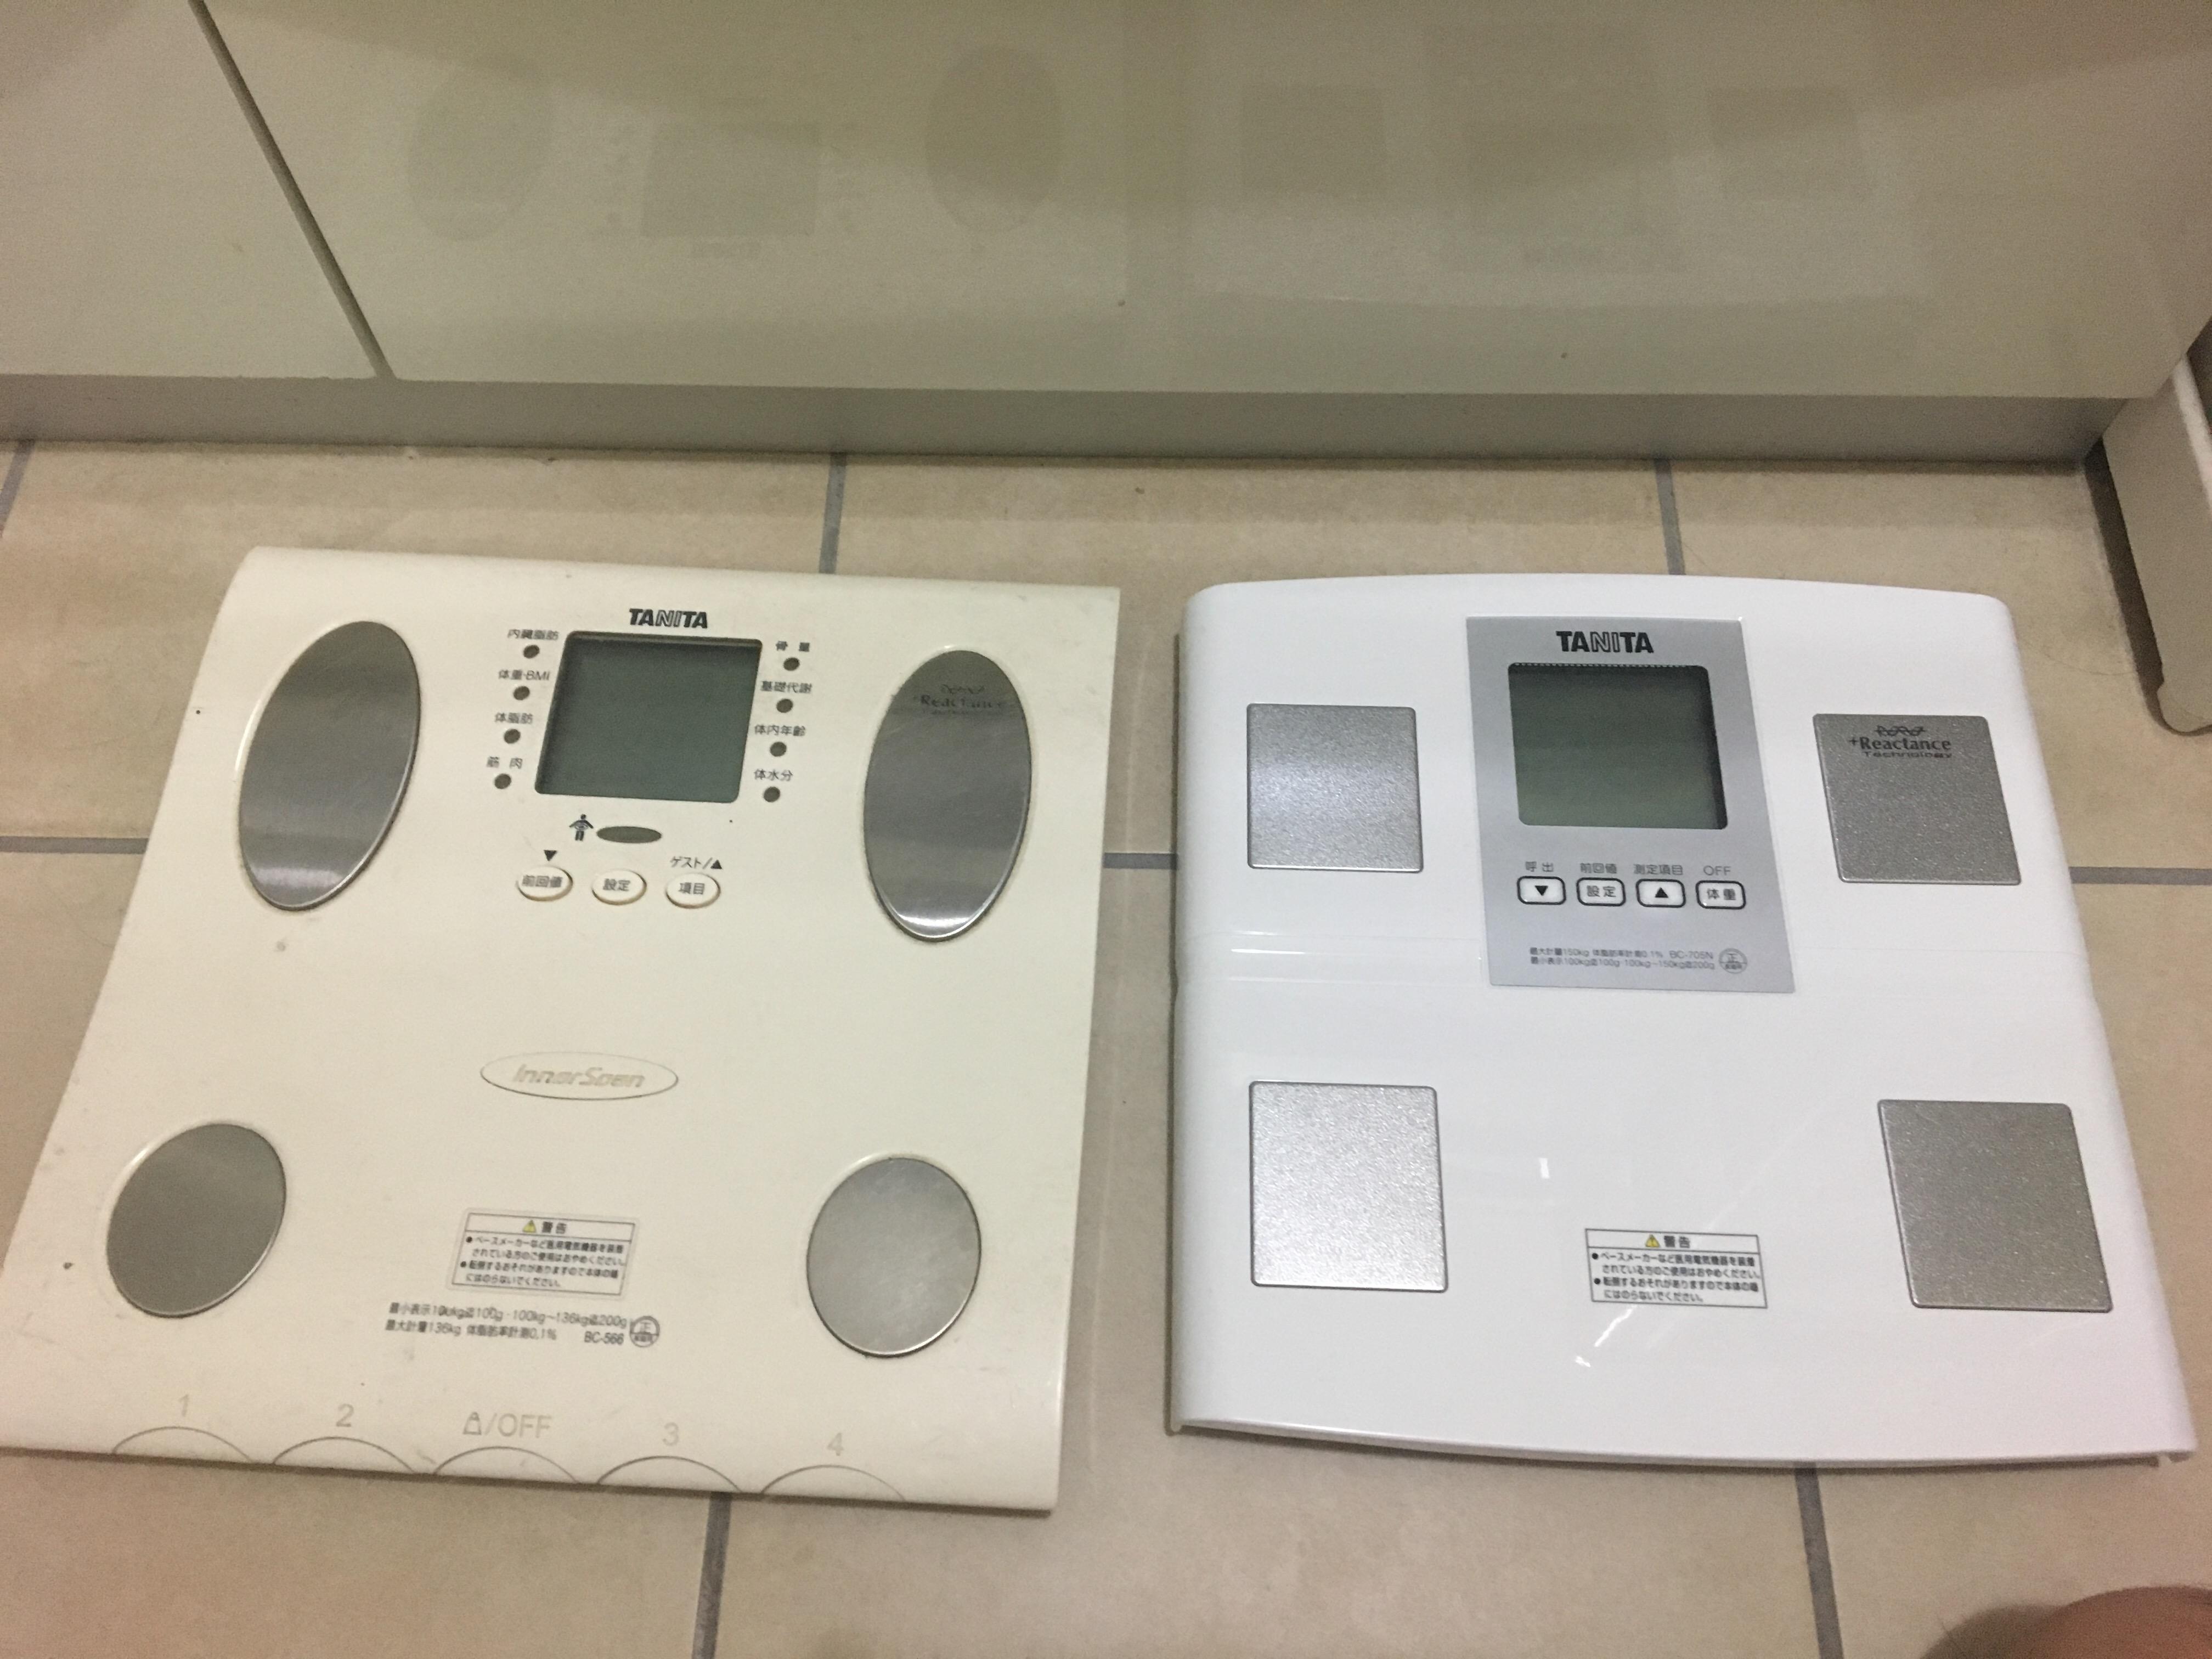 [ブログ]体脂肪計の進化にびっくり!